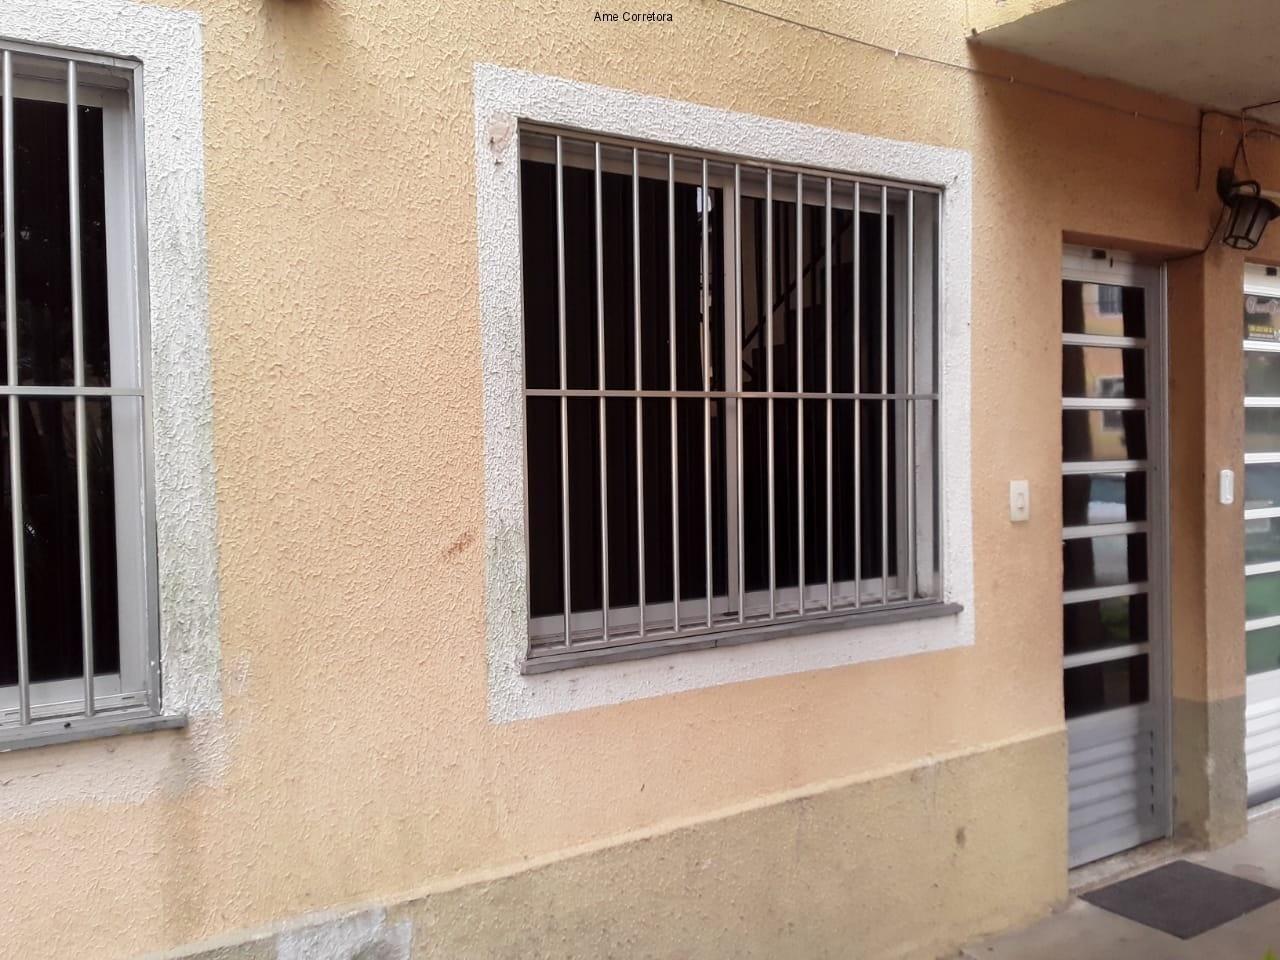 FOTO 03 - Apartamento 2 quartos à venda Rio de Janeiro,RJ - R$ 110.000 - AP00363 - 4